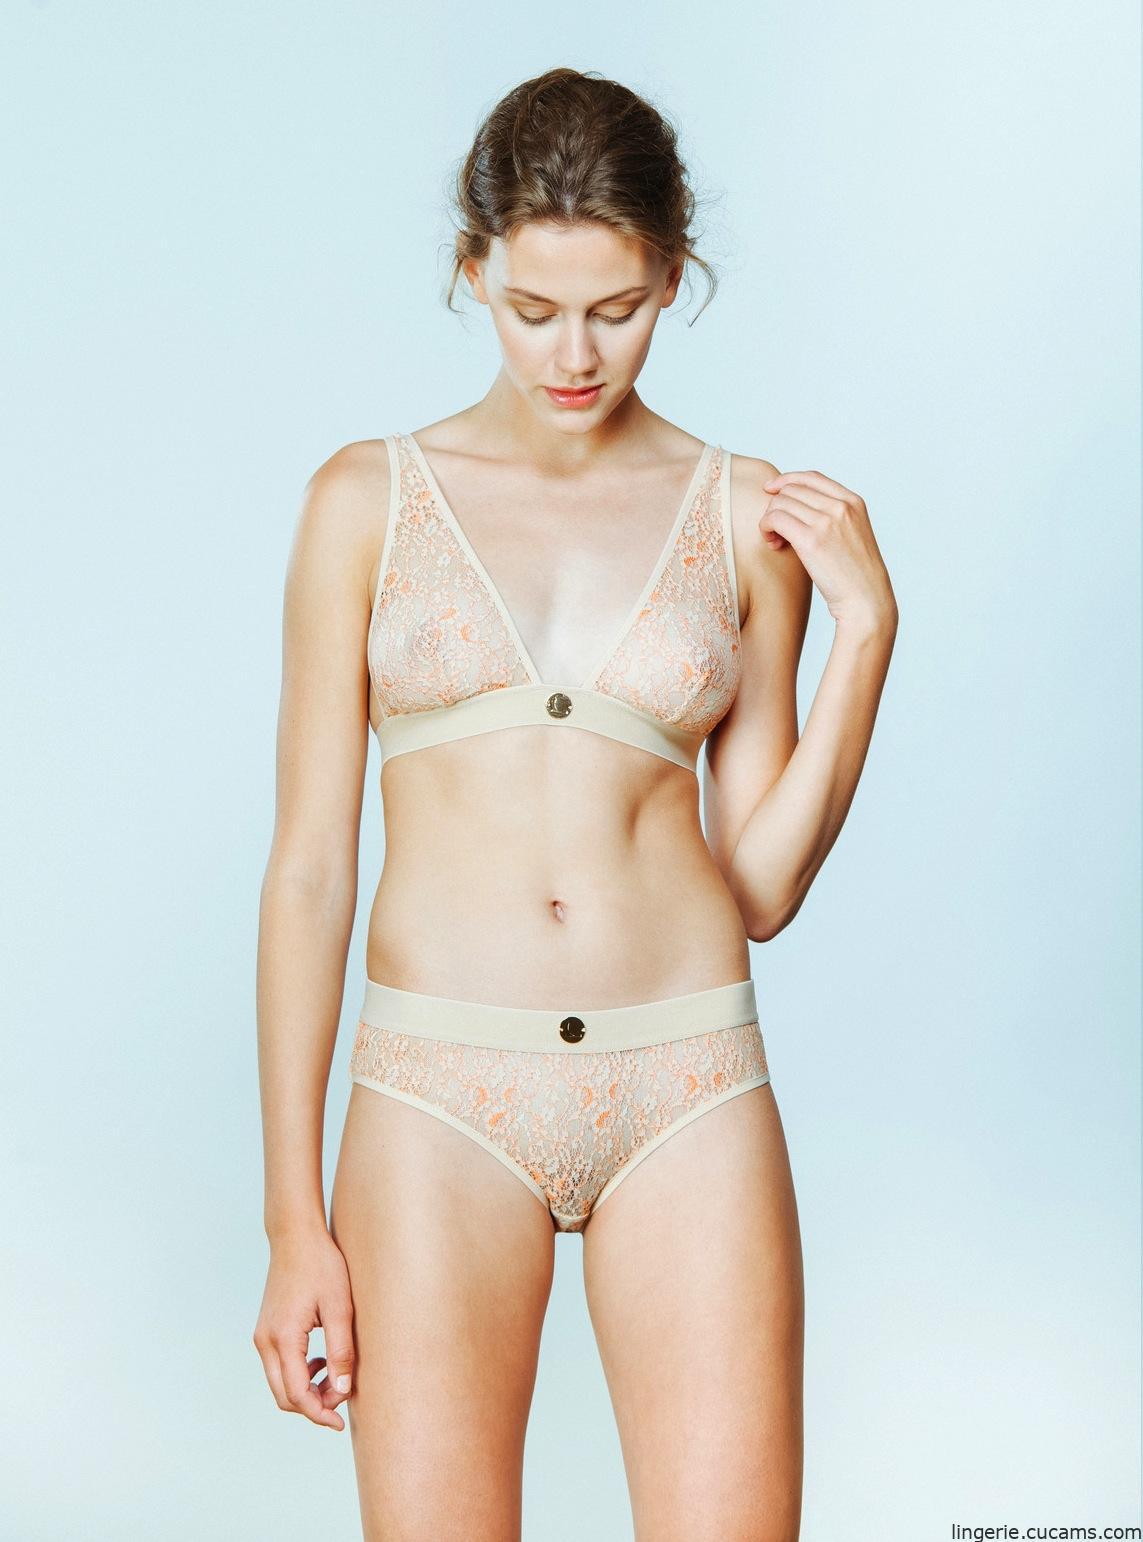 Lingerie Snatch Tan by lingerie.cucams.com